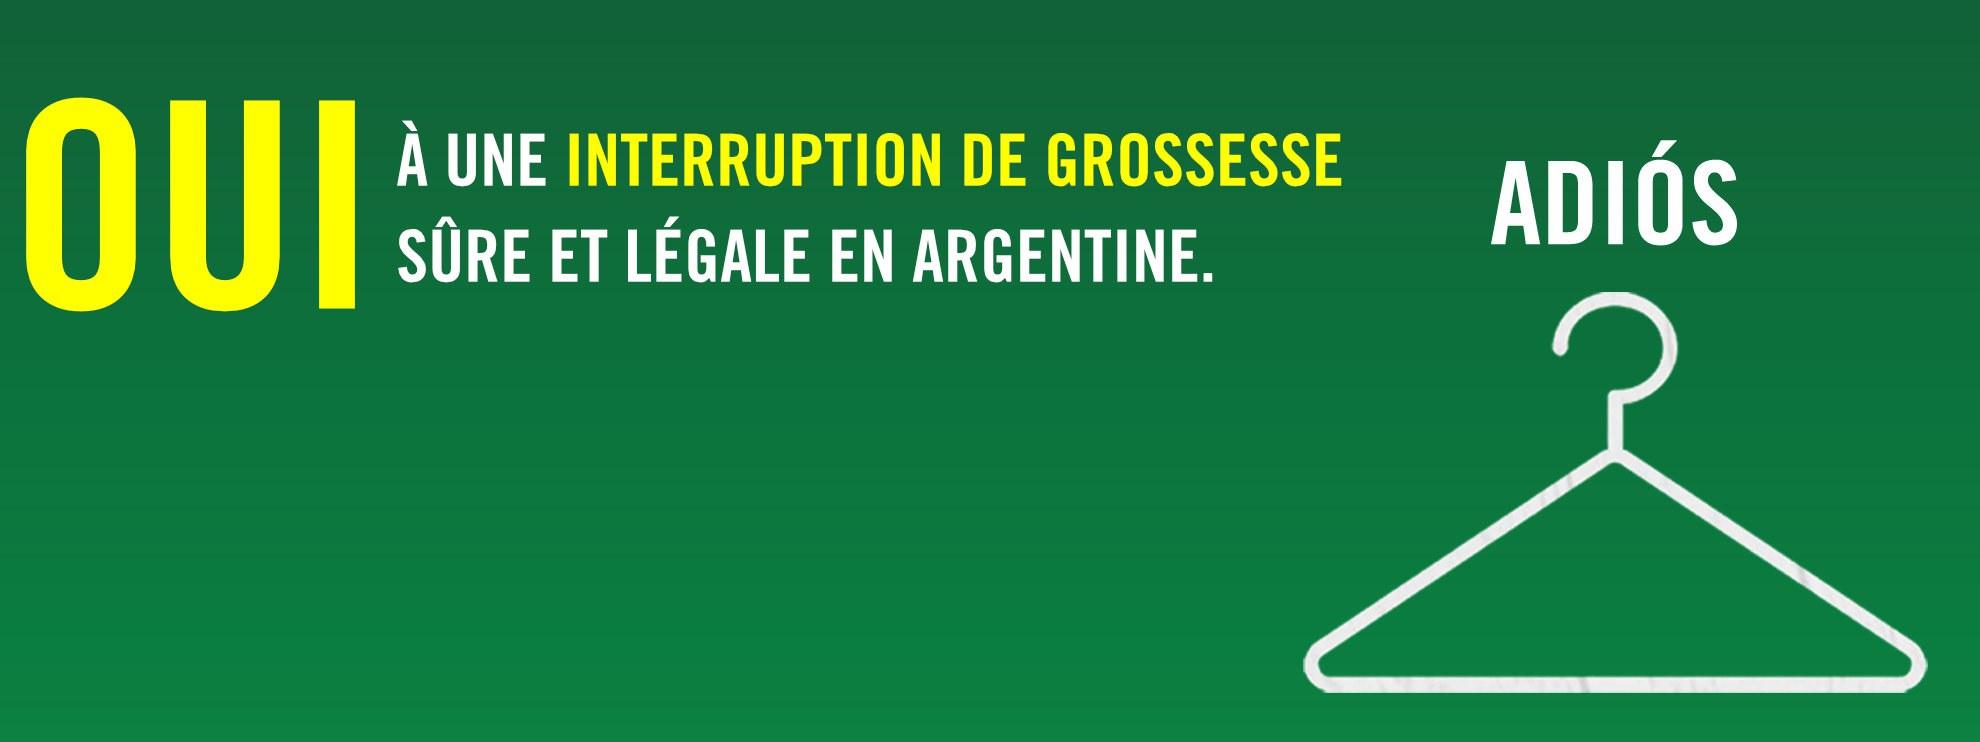 En août 2018, le Sénat argentin a rejeté un projet de loi visant à légaliser l'avortement, manquant ainsi une occasion historique. © Andreas Christen, Amnesty International